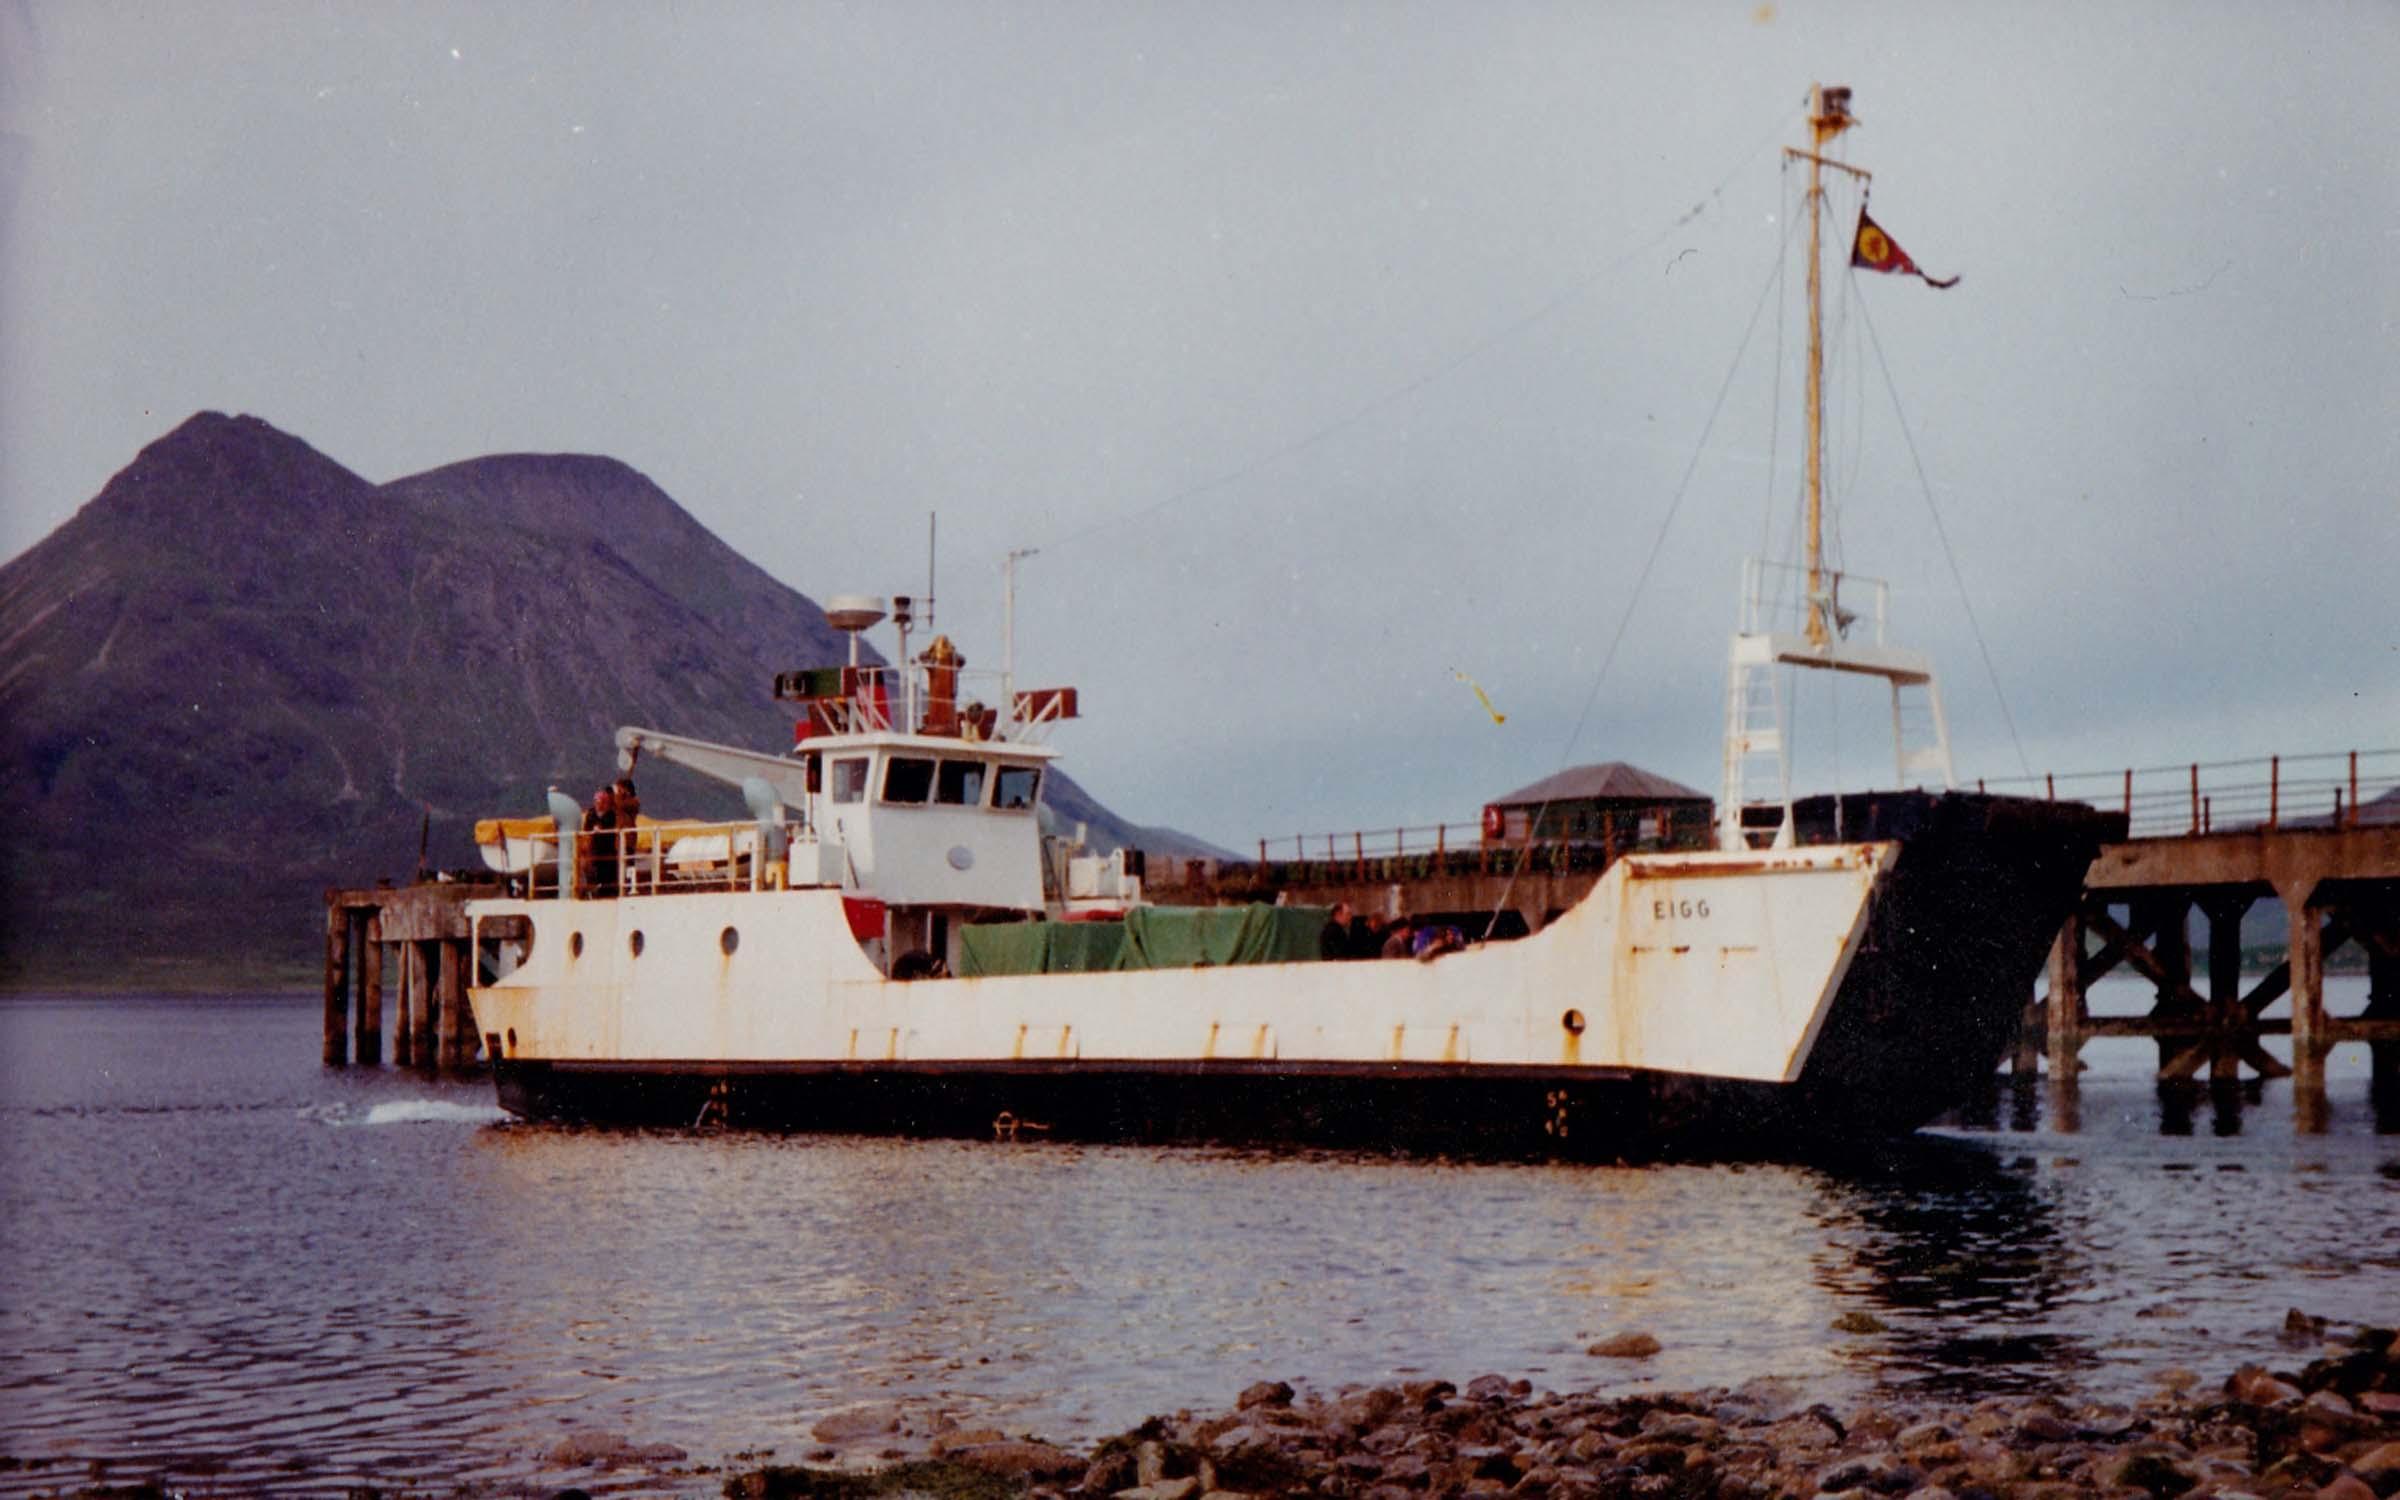 Eigg at Raasay (Jim Aikman Smith)